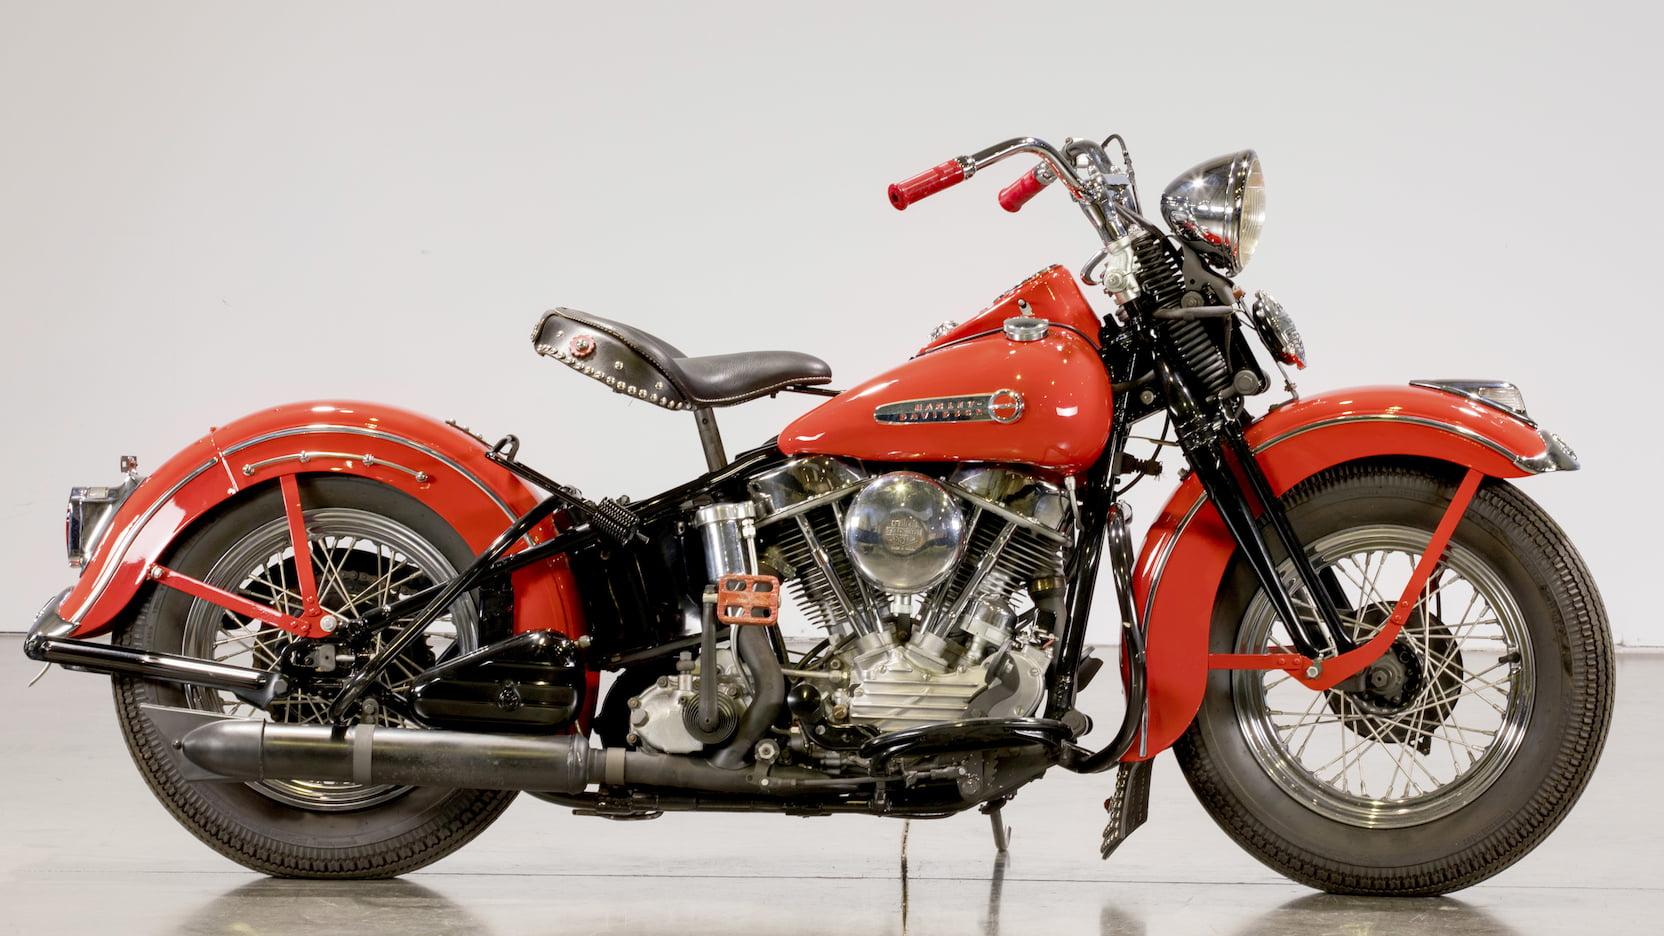 パンヘッド 旧車 ビンテージバイク高価買取